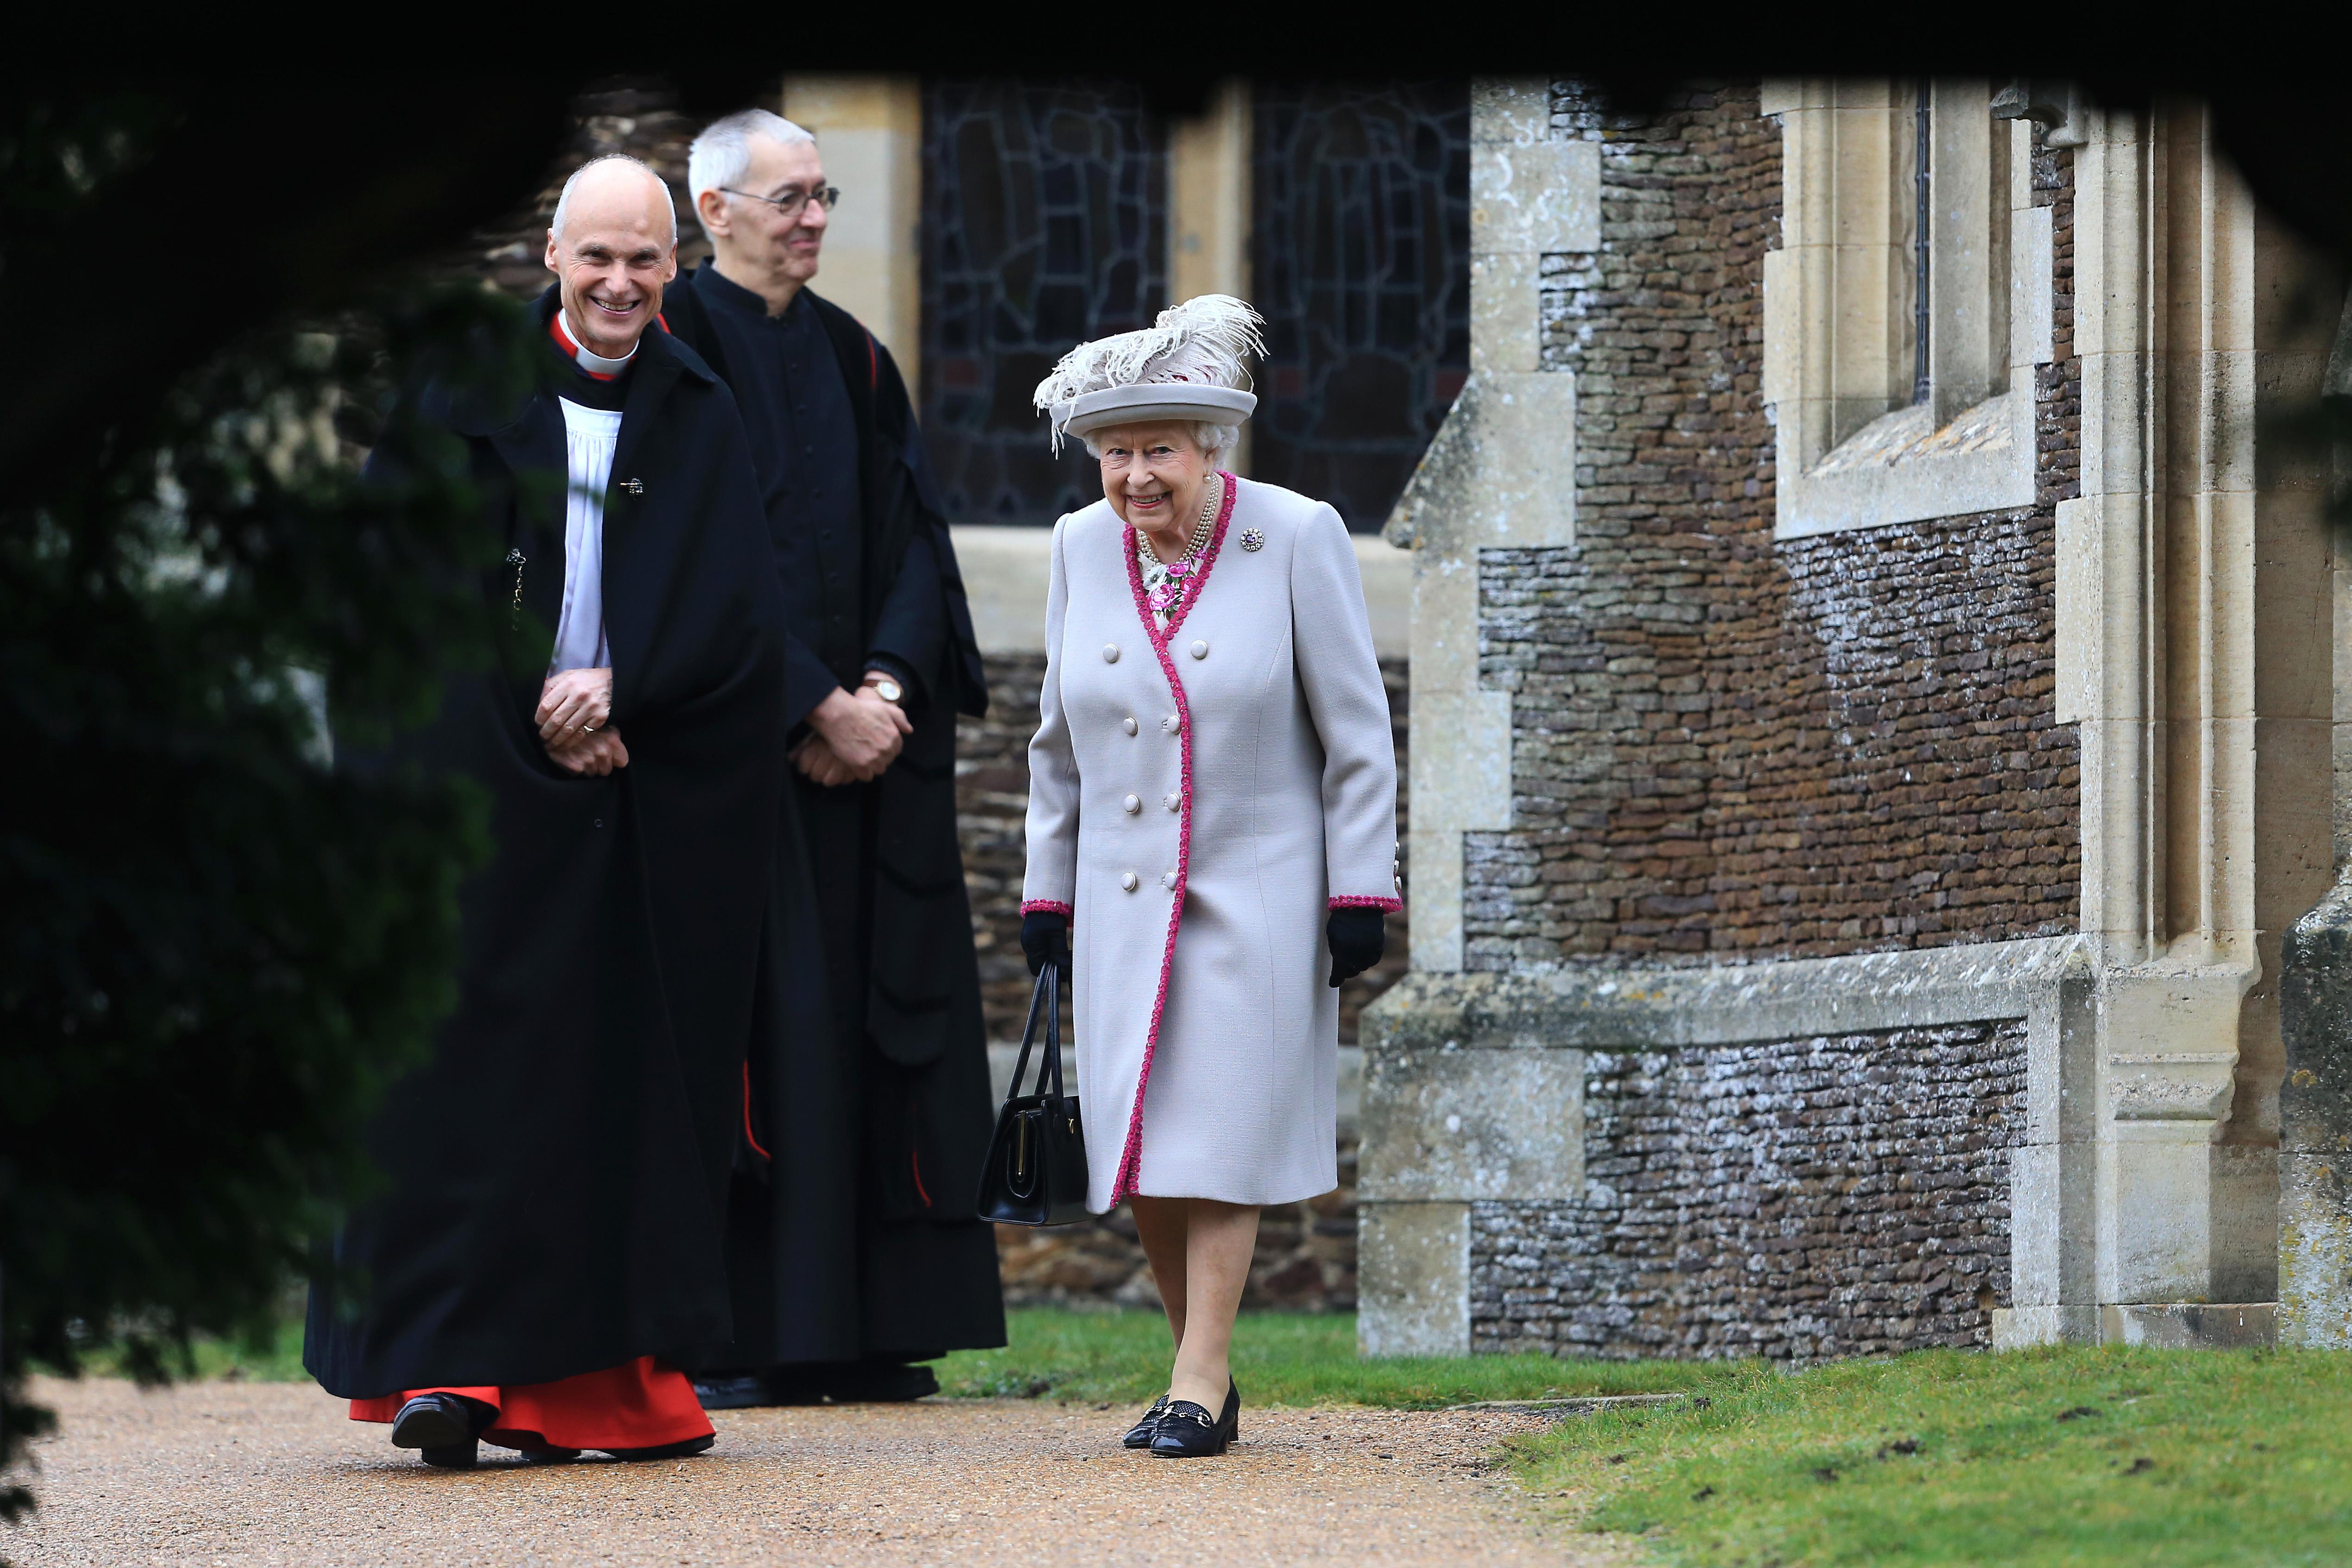 <p><strong>2. Кралицата присъства на една и съща църковна служба всяка година</strong></p>  <p>Кралското семейство винаги присъства на службата за Коледа в катедралата &bdquo;Света Мария Магдалена&ldquo;. След това те се връщат в имението Сандрингам за празничен обяд. Тук обаче има една традиция, която кралицата не спазва. Преди време на коледната служба монархът е бил с корона на главата.&nbsp;</p>